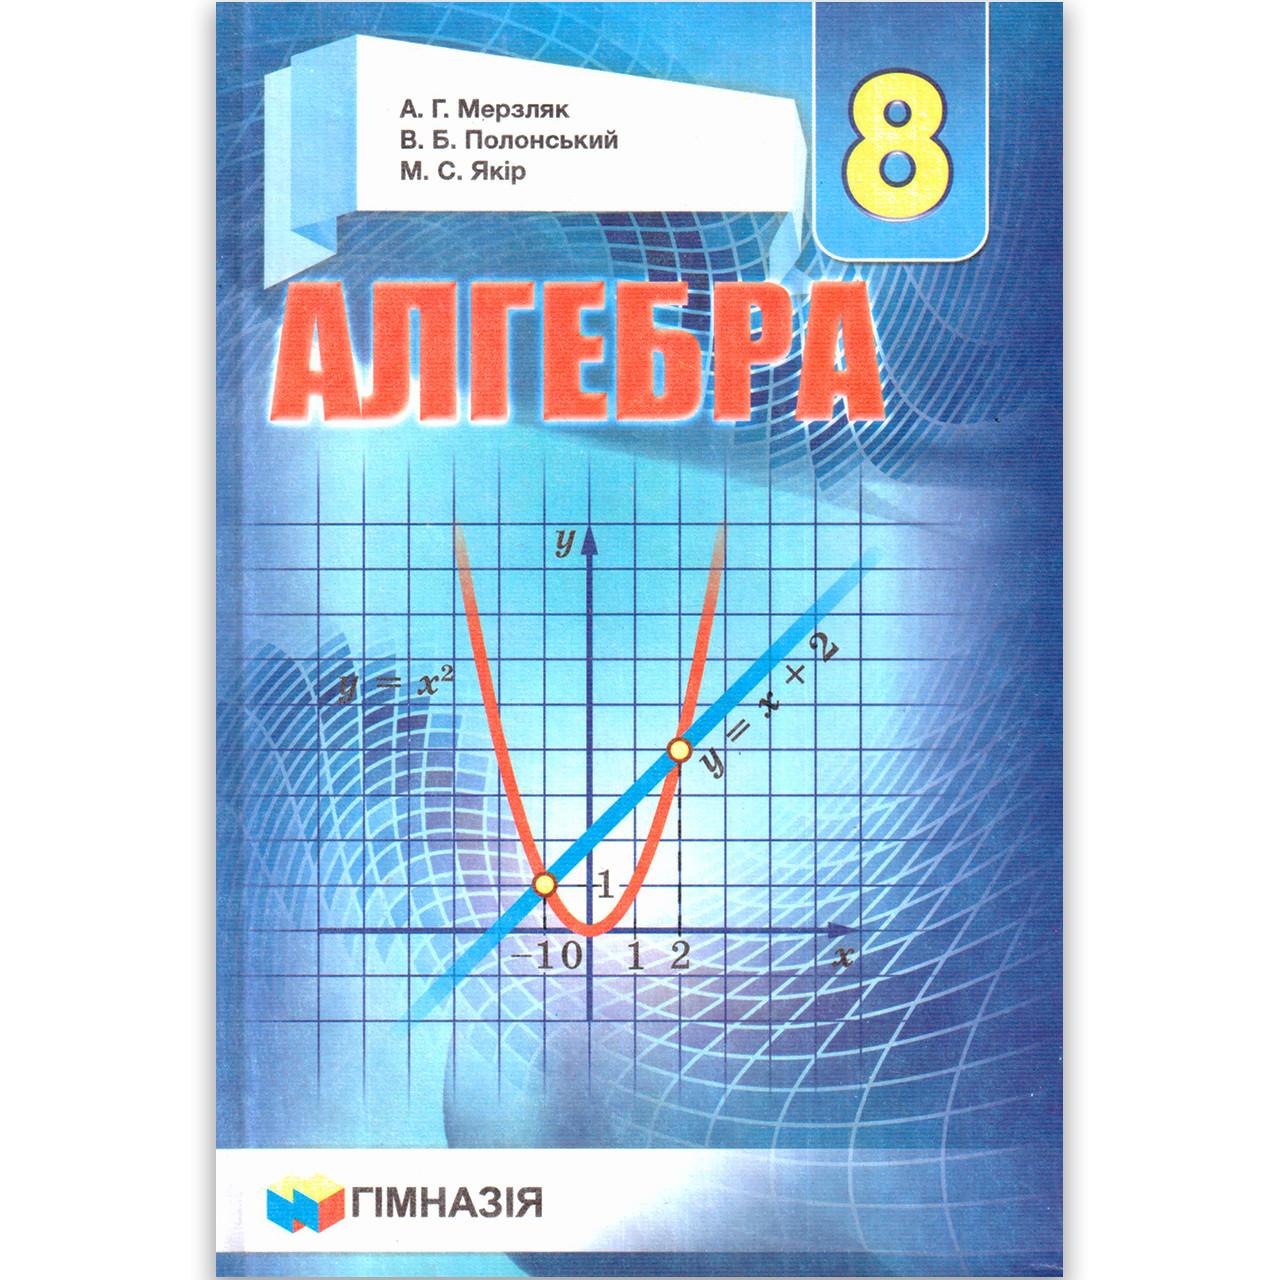 Підручник Алгебра 8 клас Авт: Мерзляк А. Полонський В. Якір М. Вид: Гімназія